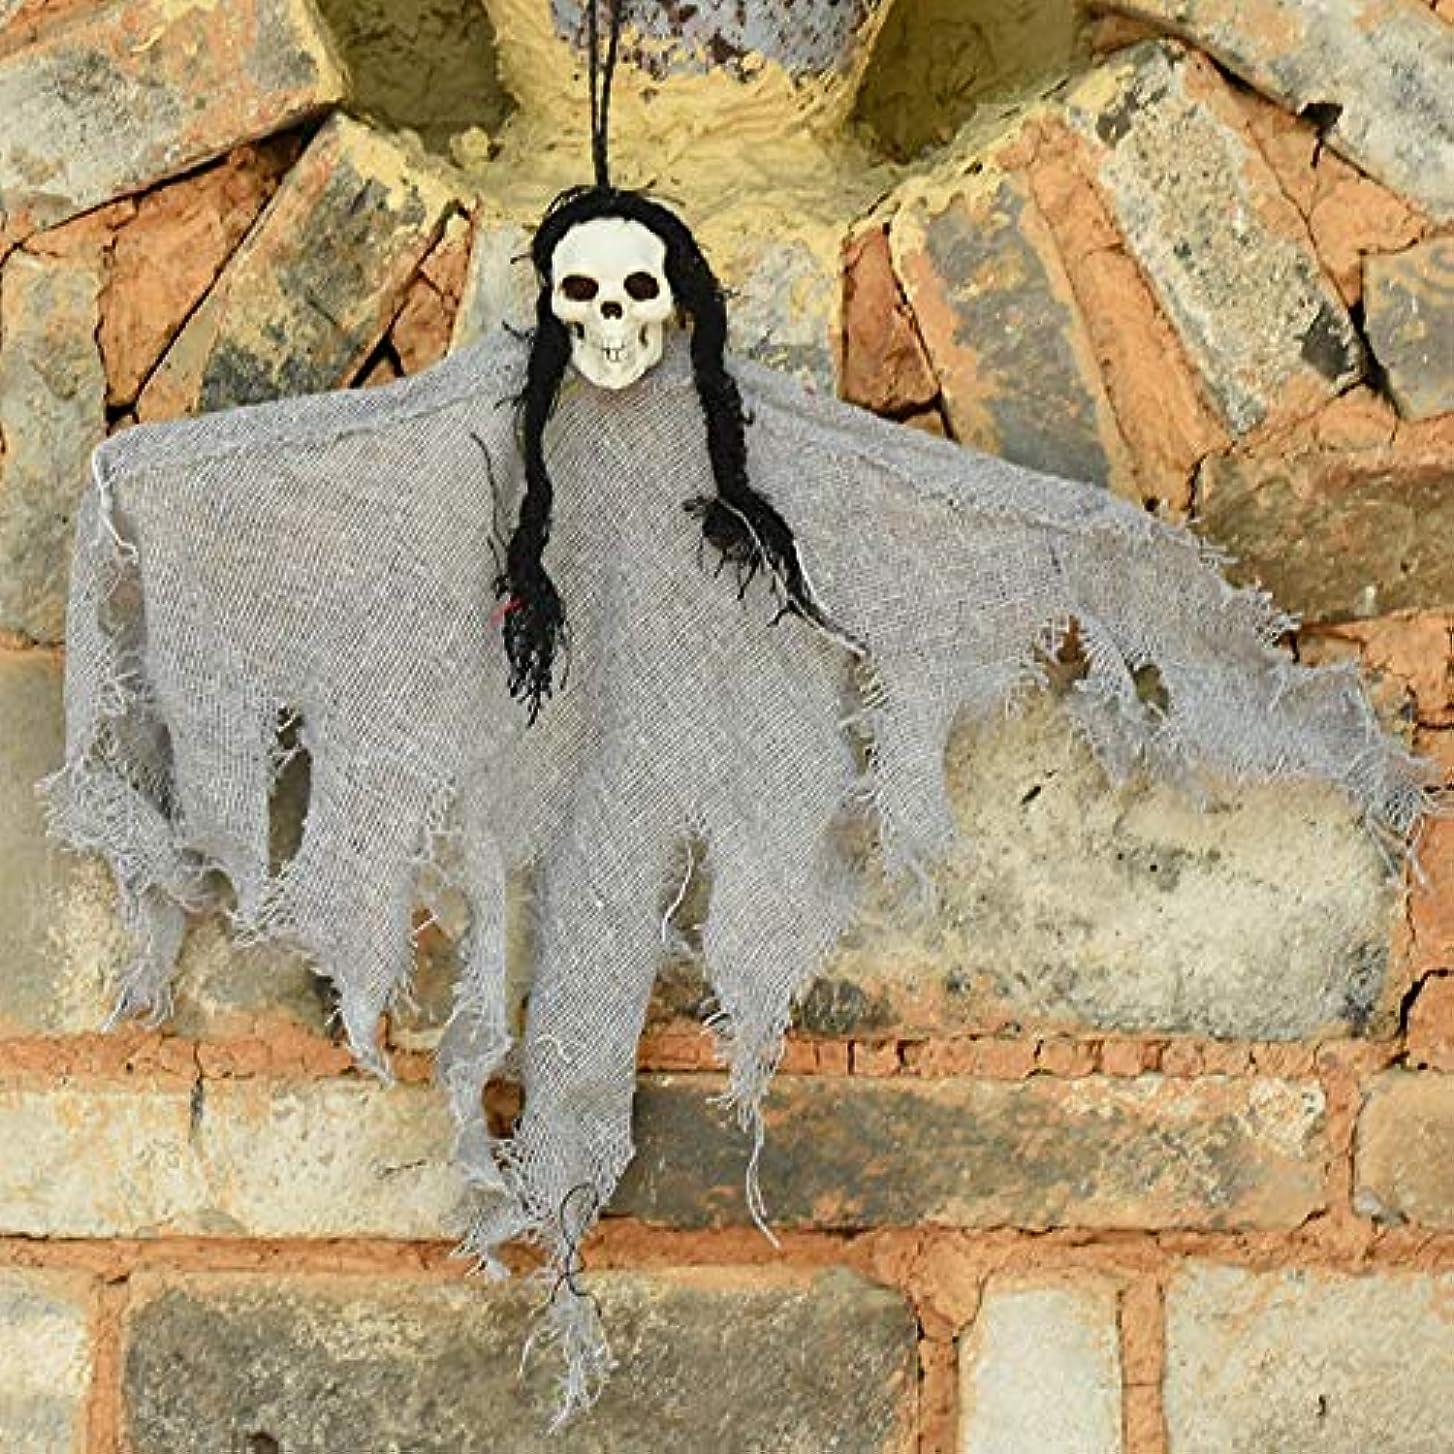 祝う時々時々ディレクトリETRRUU HOME ハロウィン装飾スカルぶら下げゴーストお化け屋敷シークレットルームバーパーティー装飾製品 (Size : C)